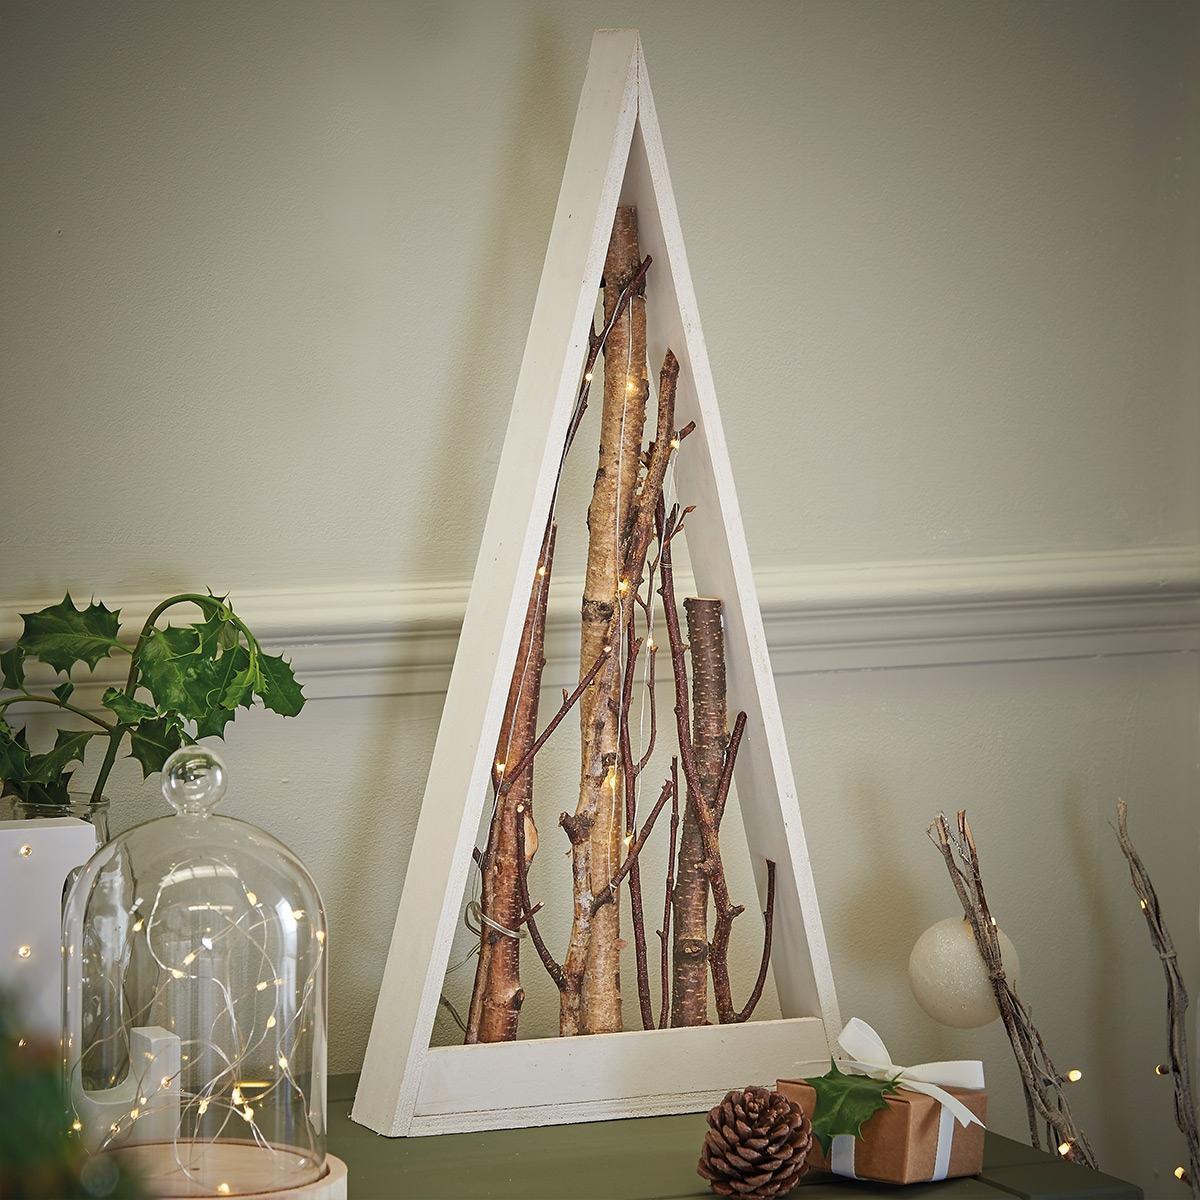 Wooden battery light up triangle with twigs warm white leds for Decoration de noel exterieur avec bouleau